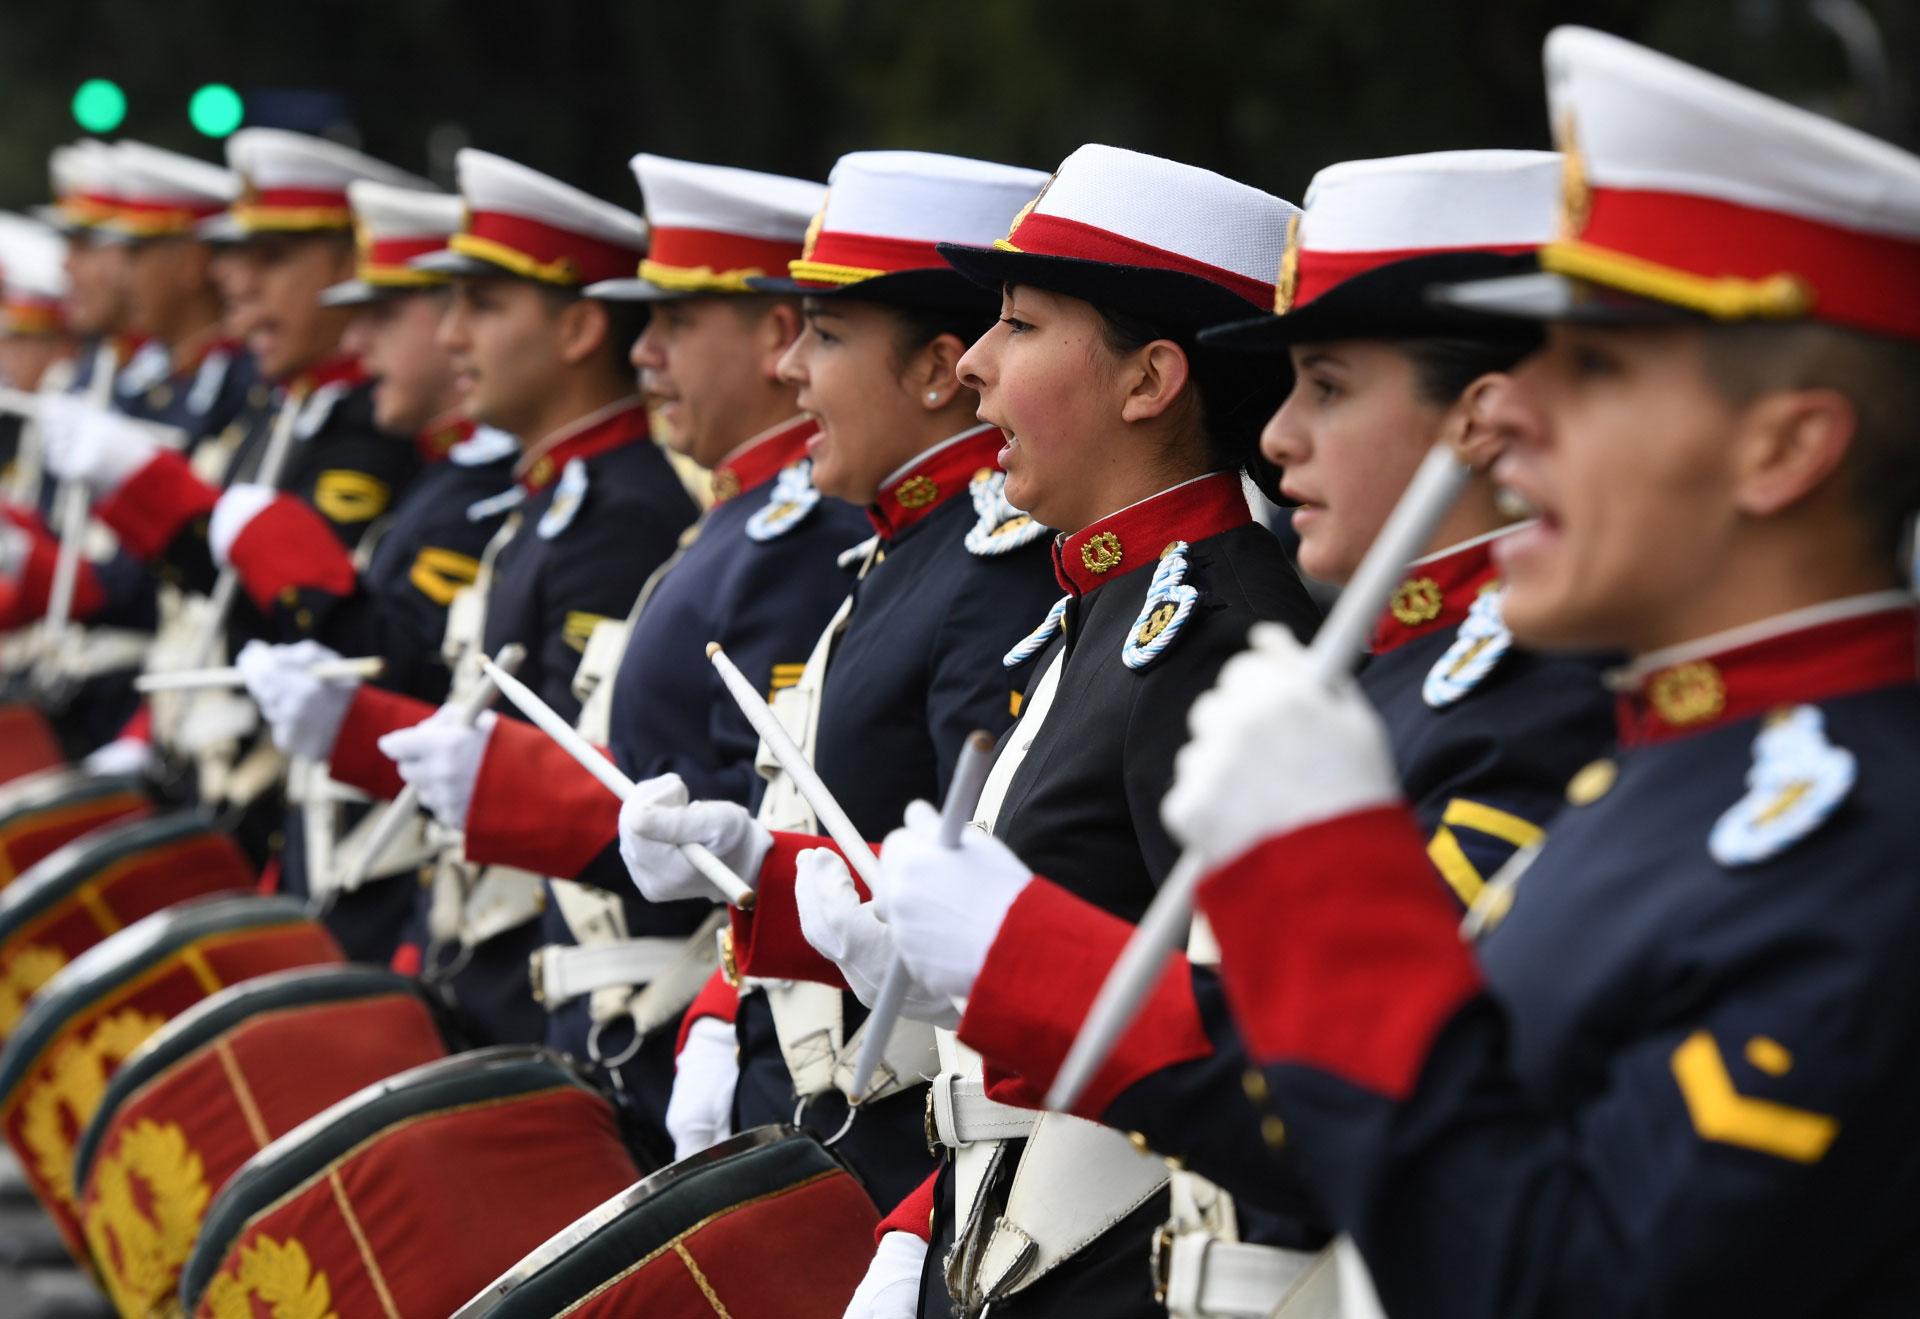 Los festejos comenzaron a las 12, cuando los músicos y efectivos de a pie, acompañados por aviones piloteados por integrantes de la Fuerza Aérea Argentina, iniciaron su marcha y repertorio musical.